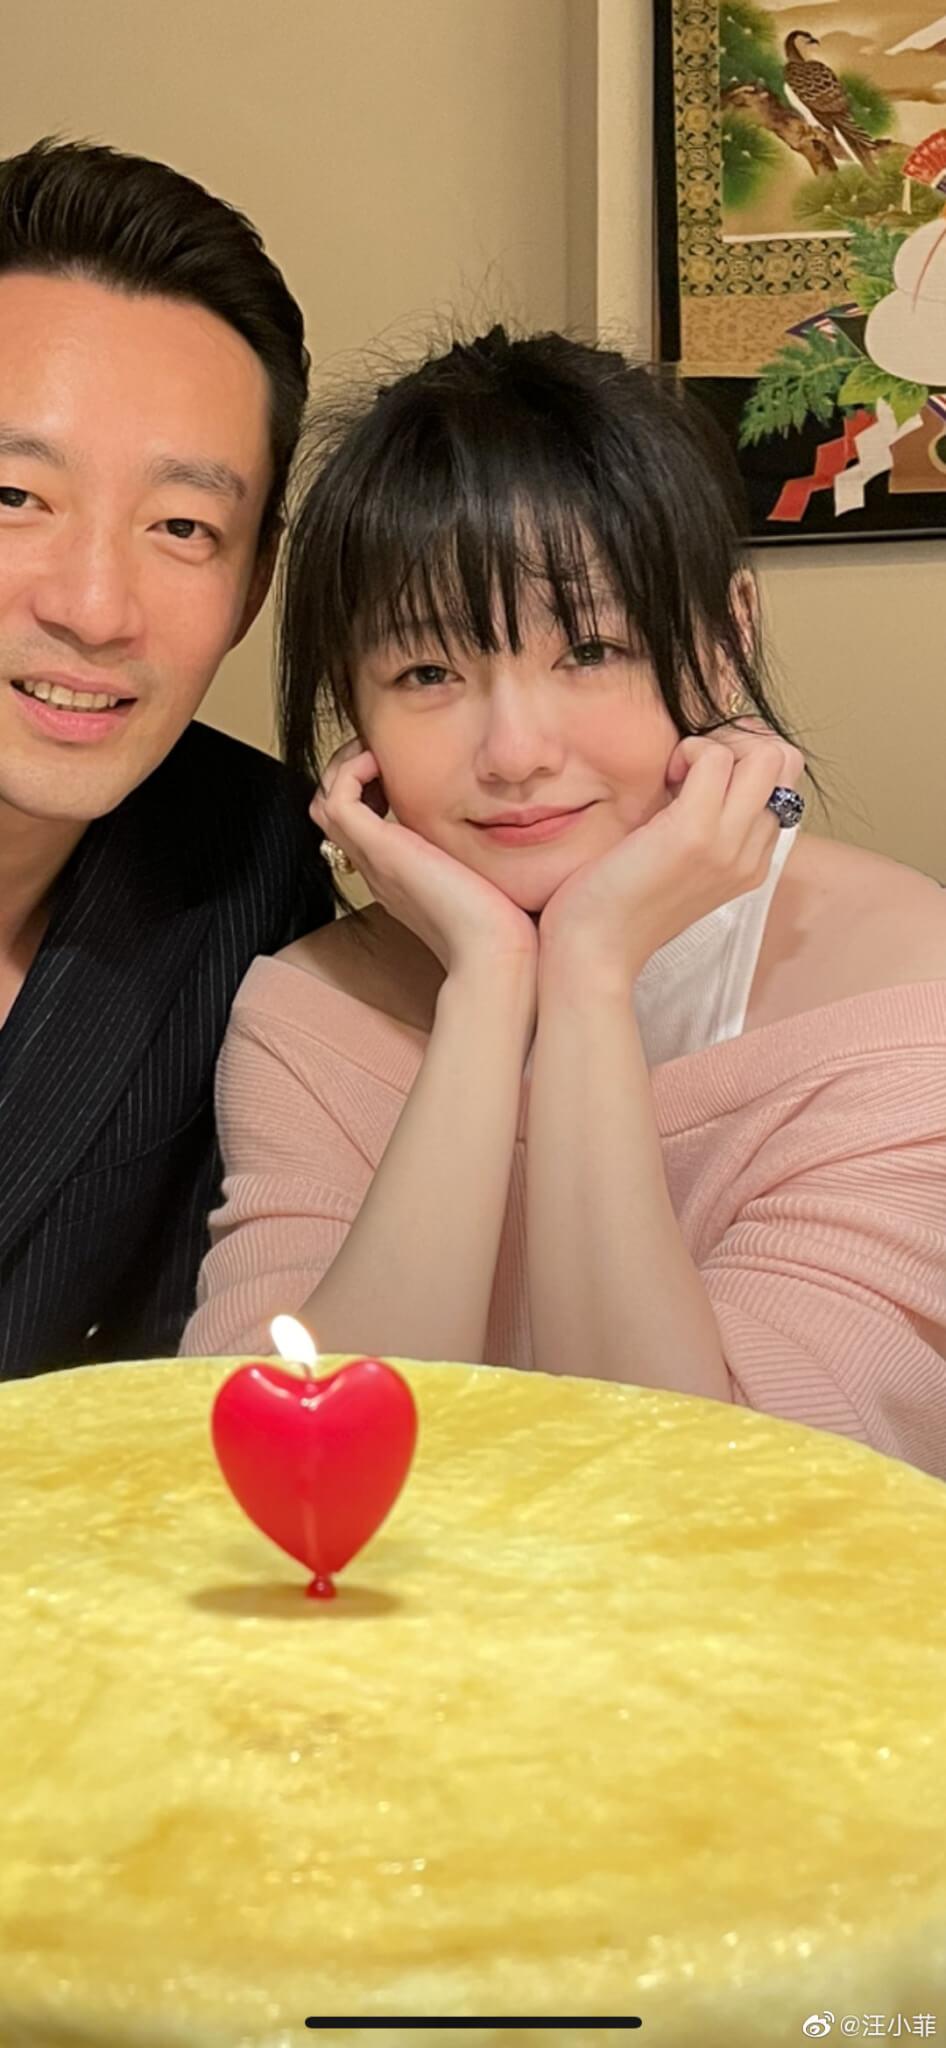 今年3月,汪小菲於微博曬出與大S合照,慶祝結婚十周年。